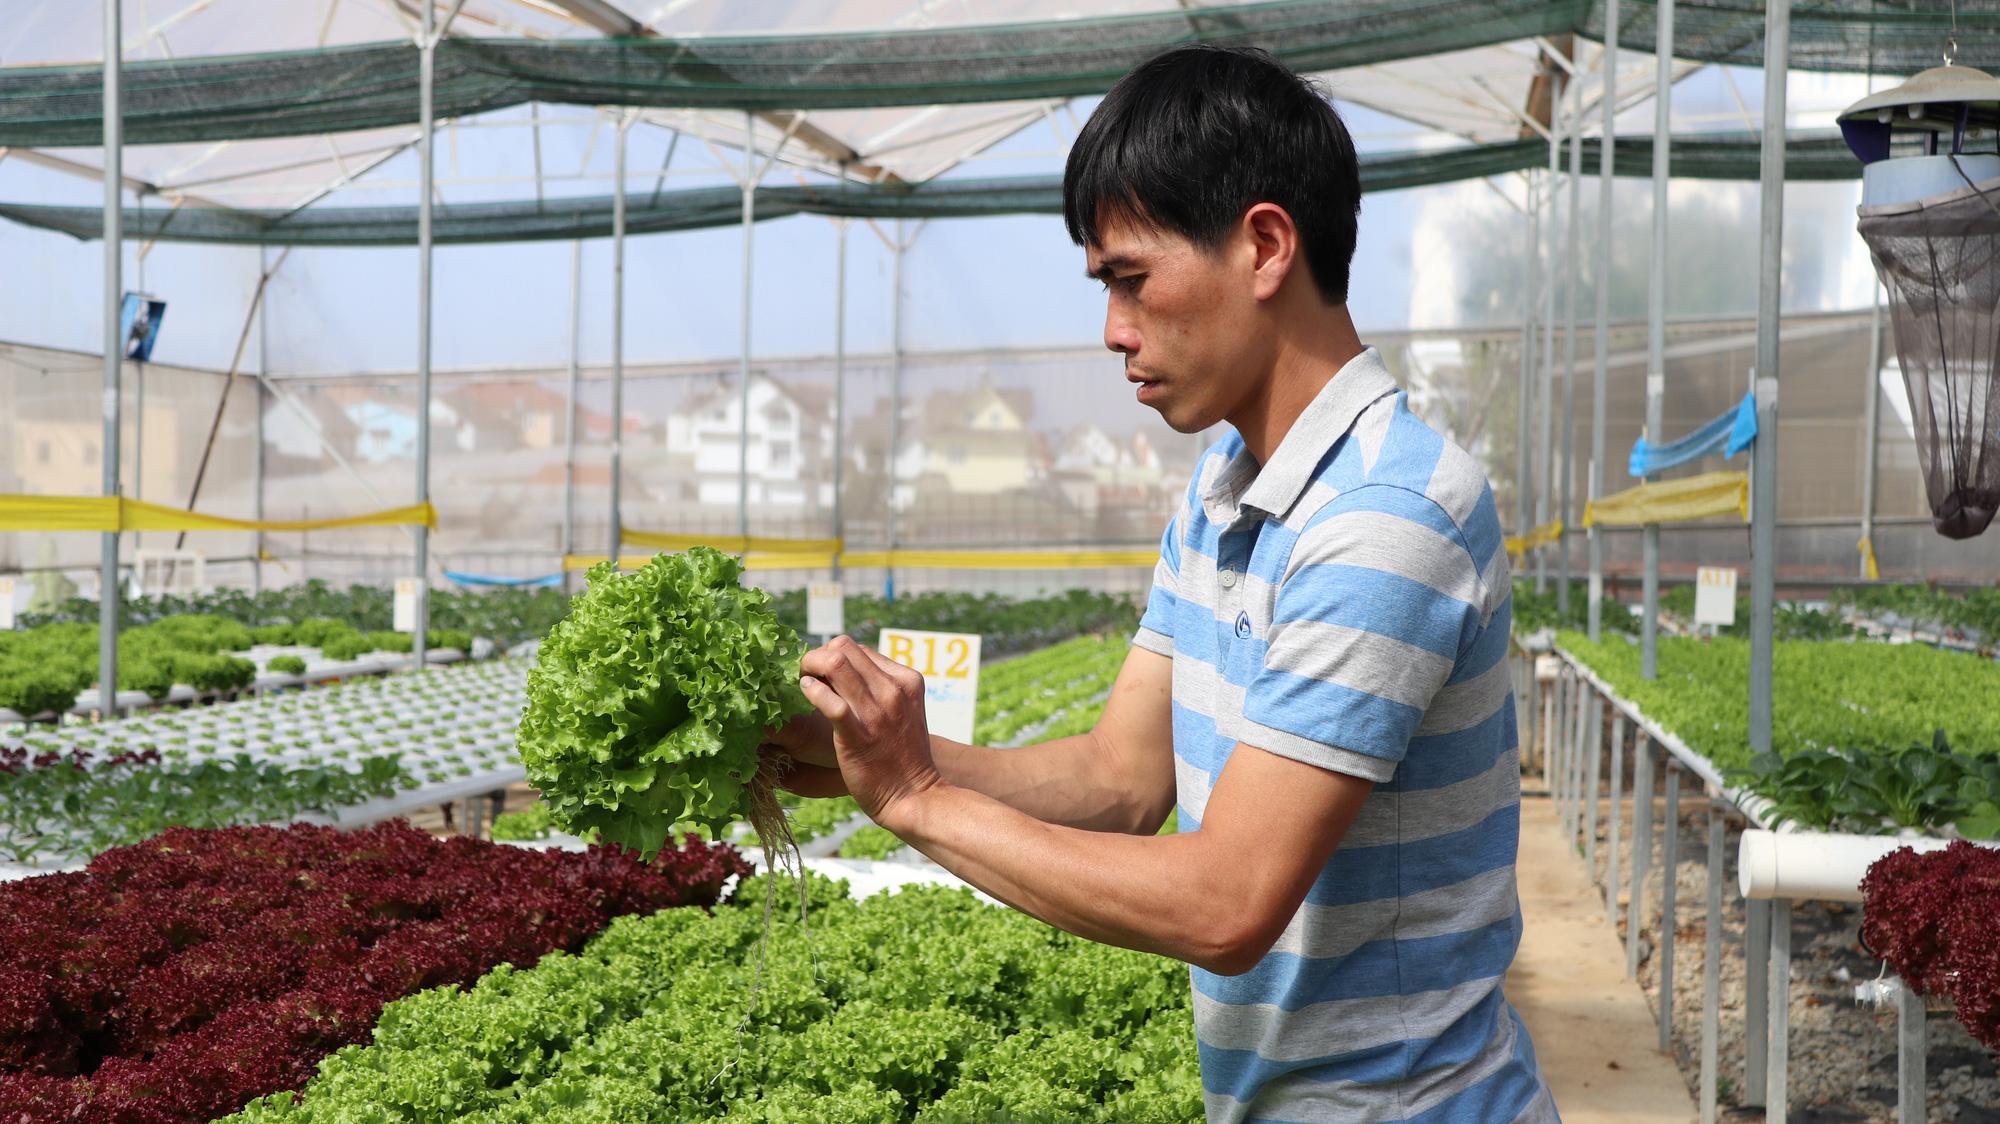 Sự cần thiết của việc xử lý thực phẩm an toàn cho rau sau thu hoạch - Ảnh 4.